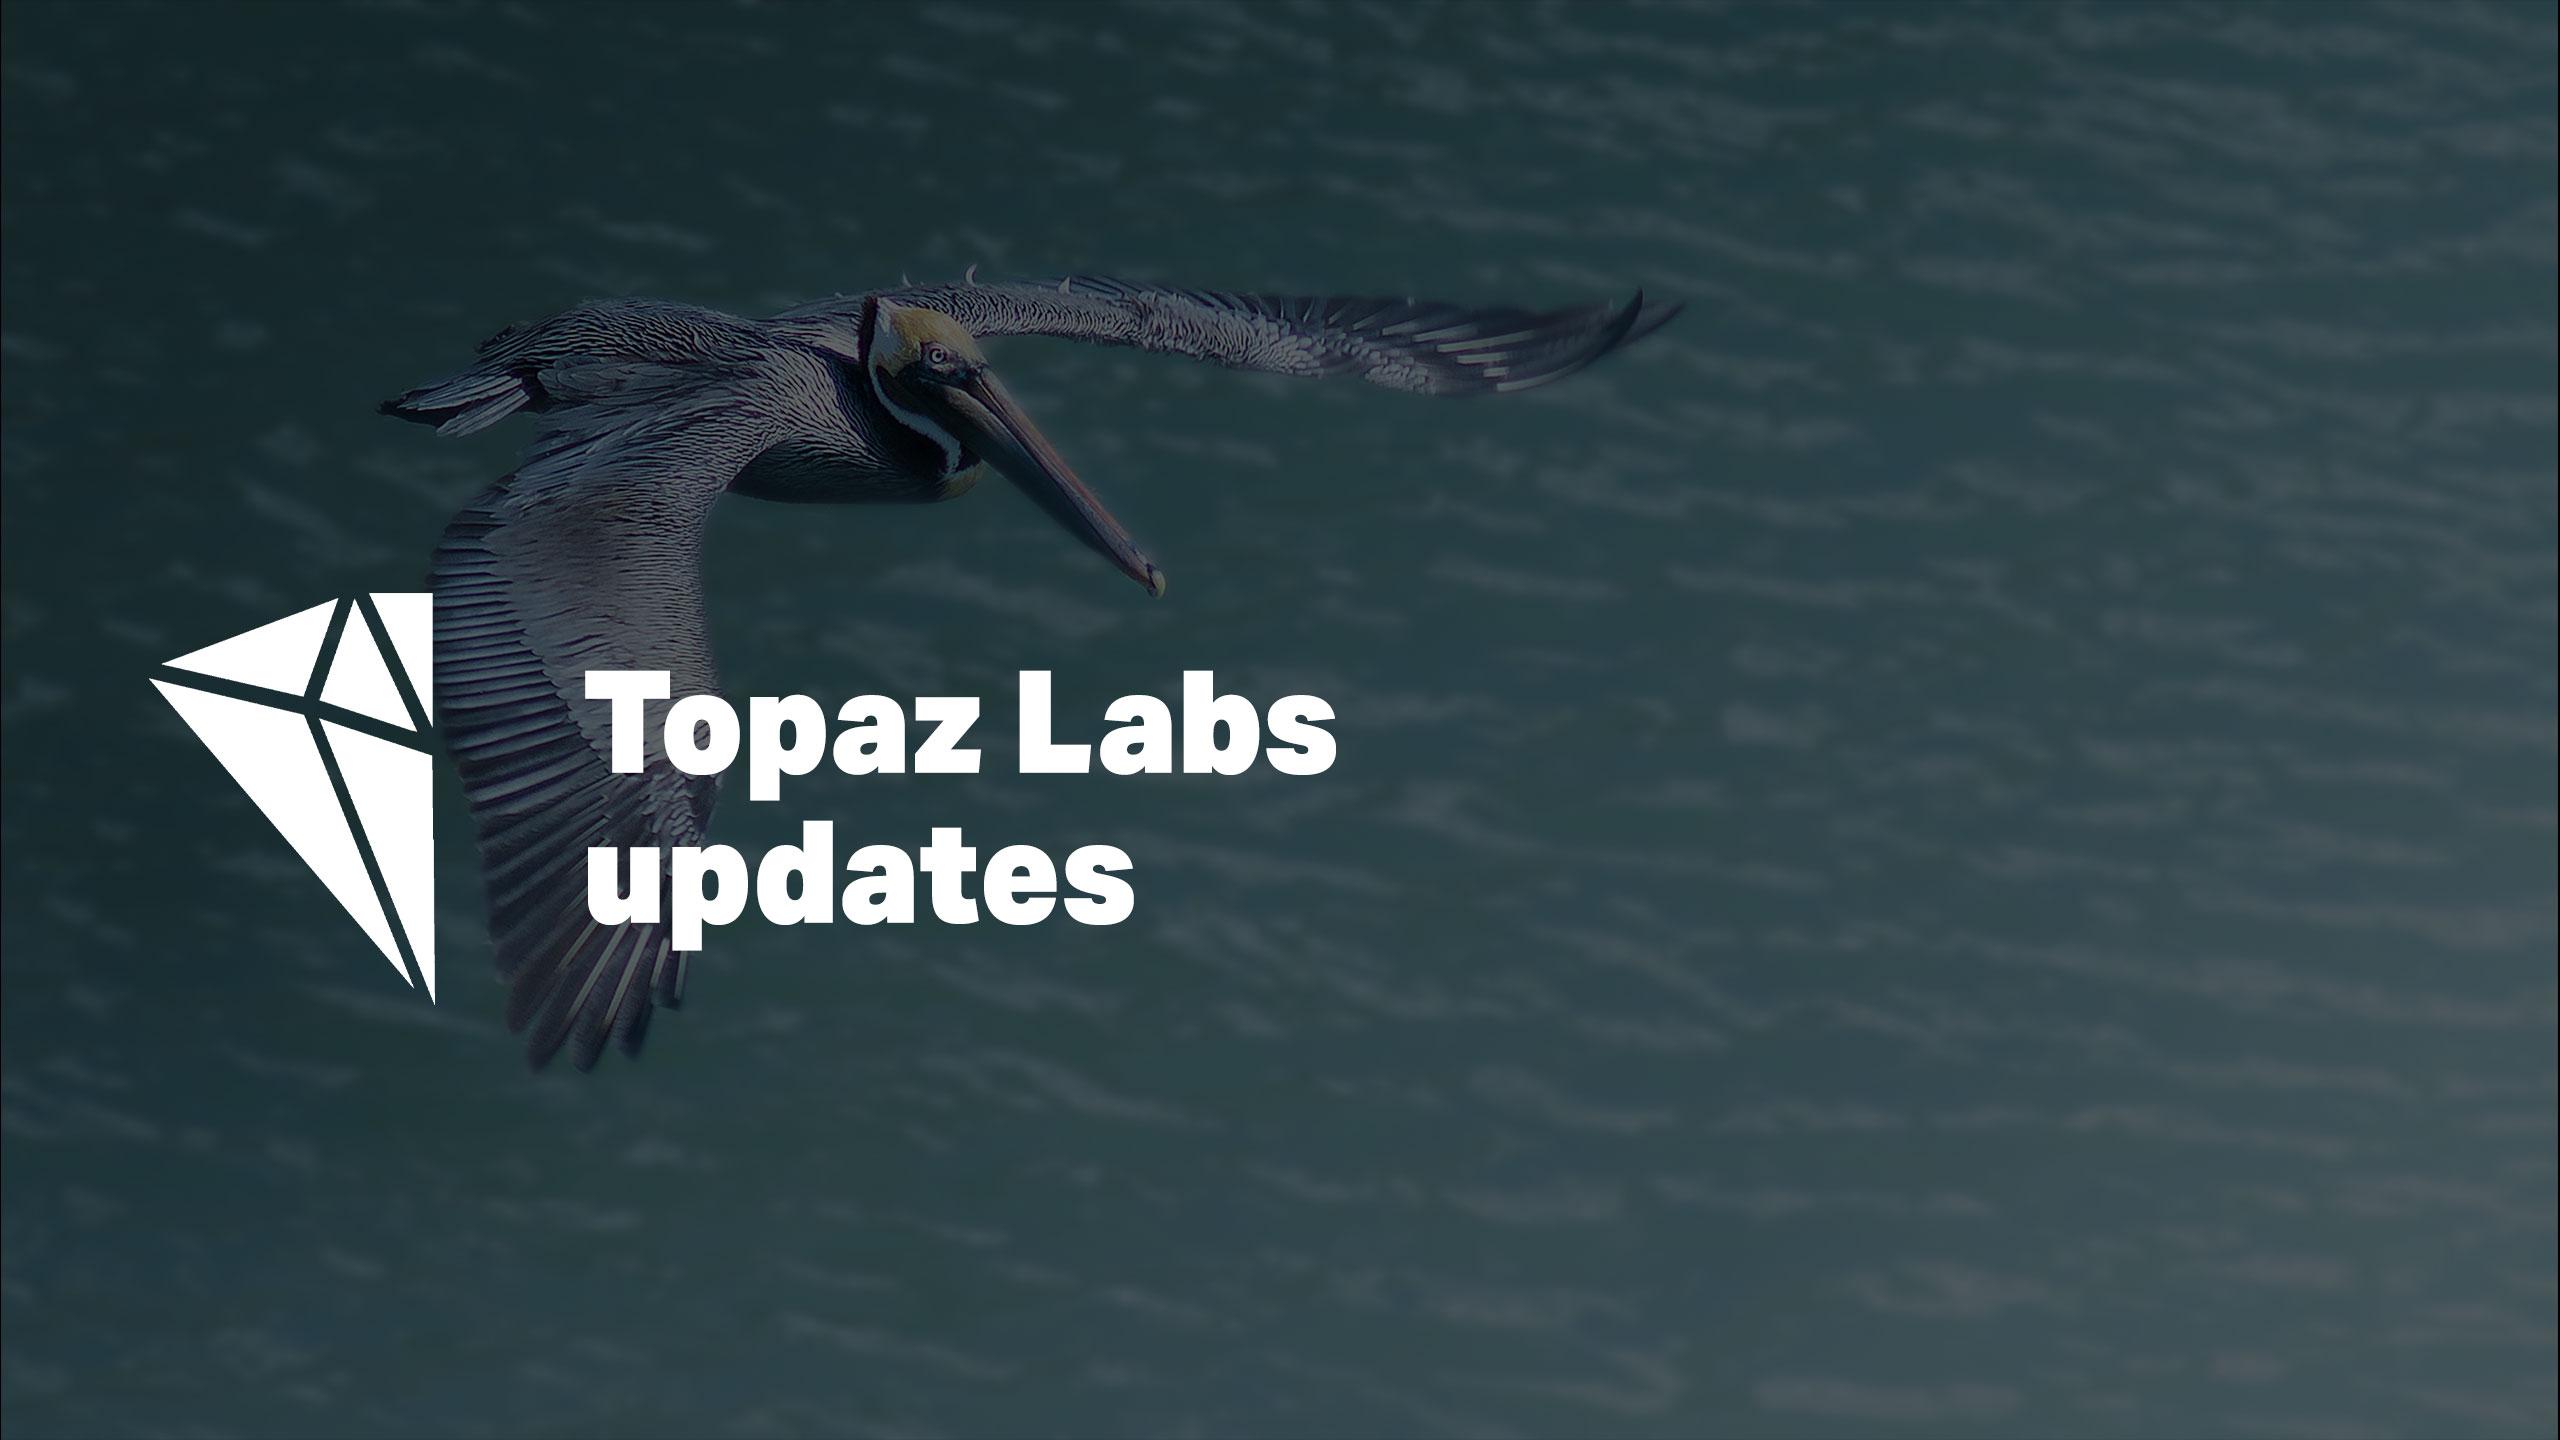 topaz-updates